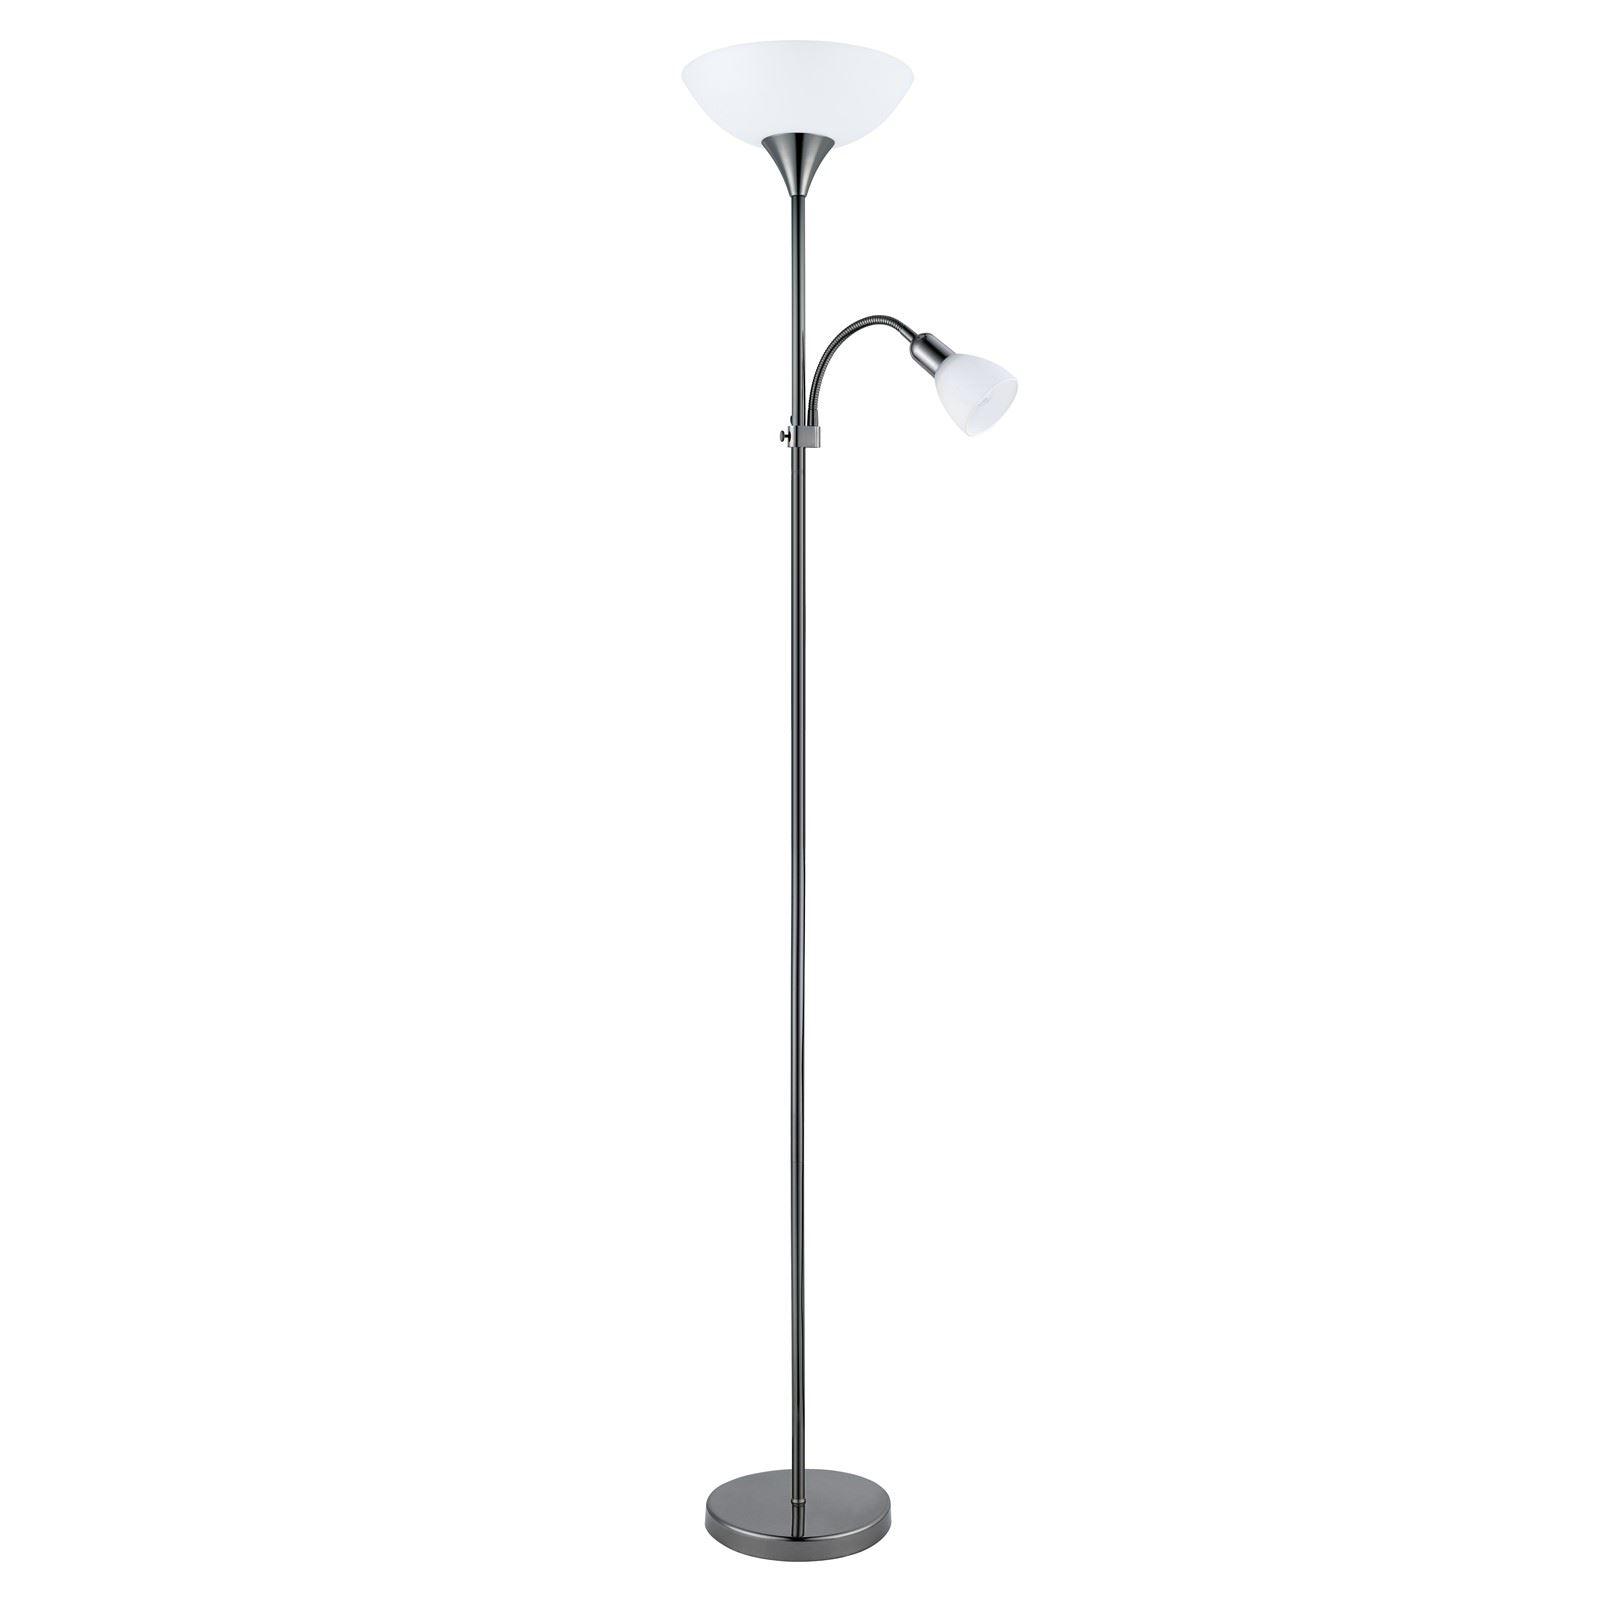 Up Modern Floor Lamp 1 Working Reading Lamp Black Chrome